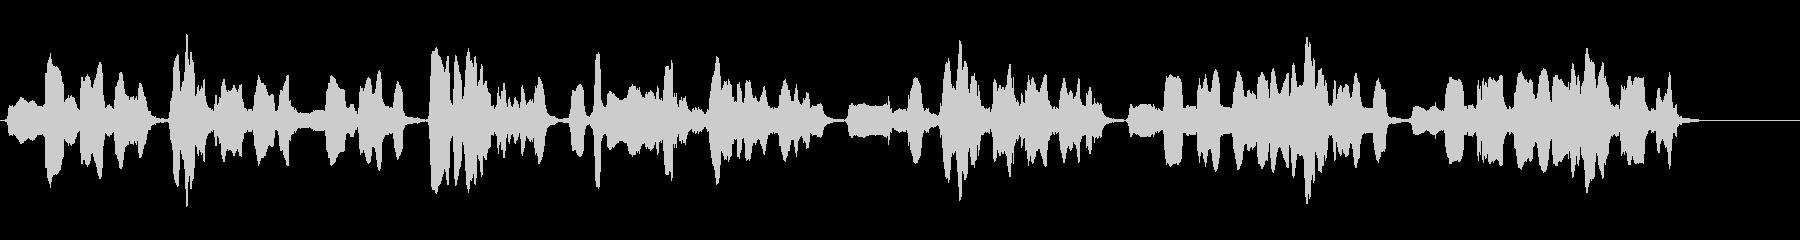 尺八の独奏 生演奏 和風のシーンなど 5の未再生の波形